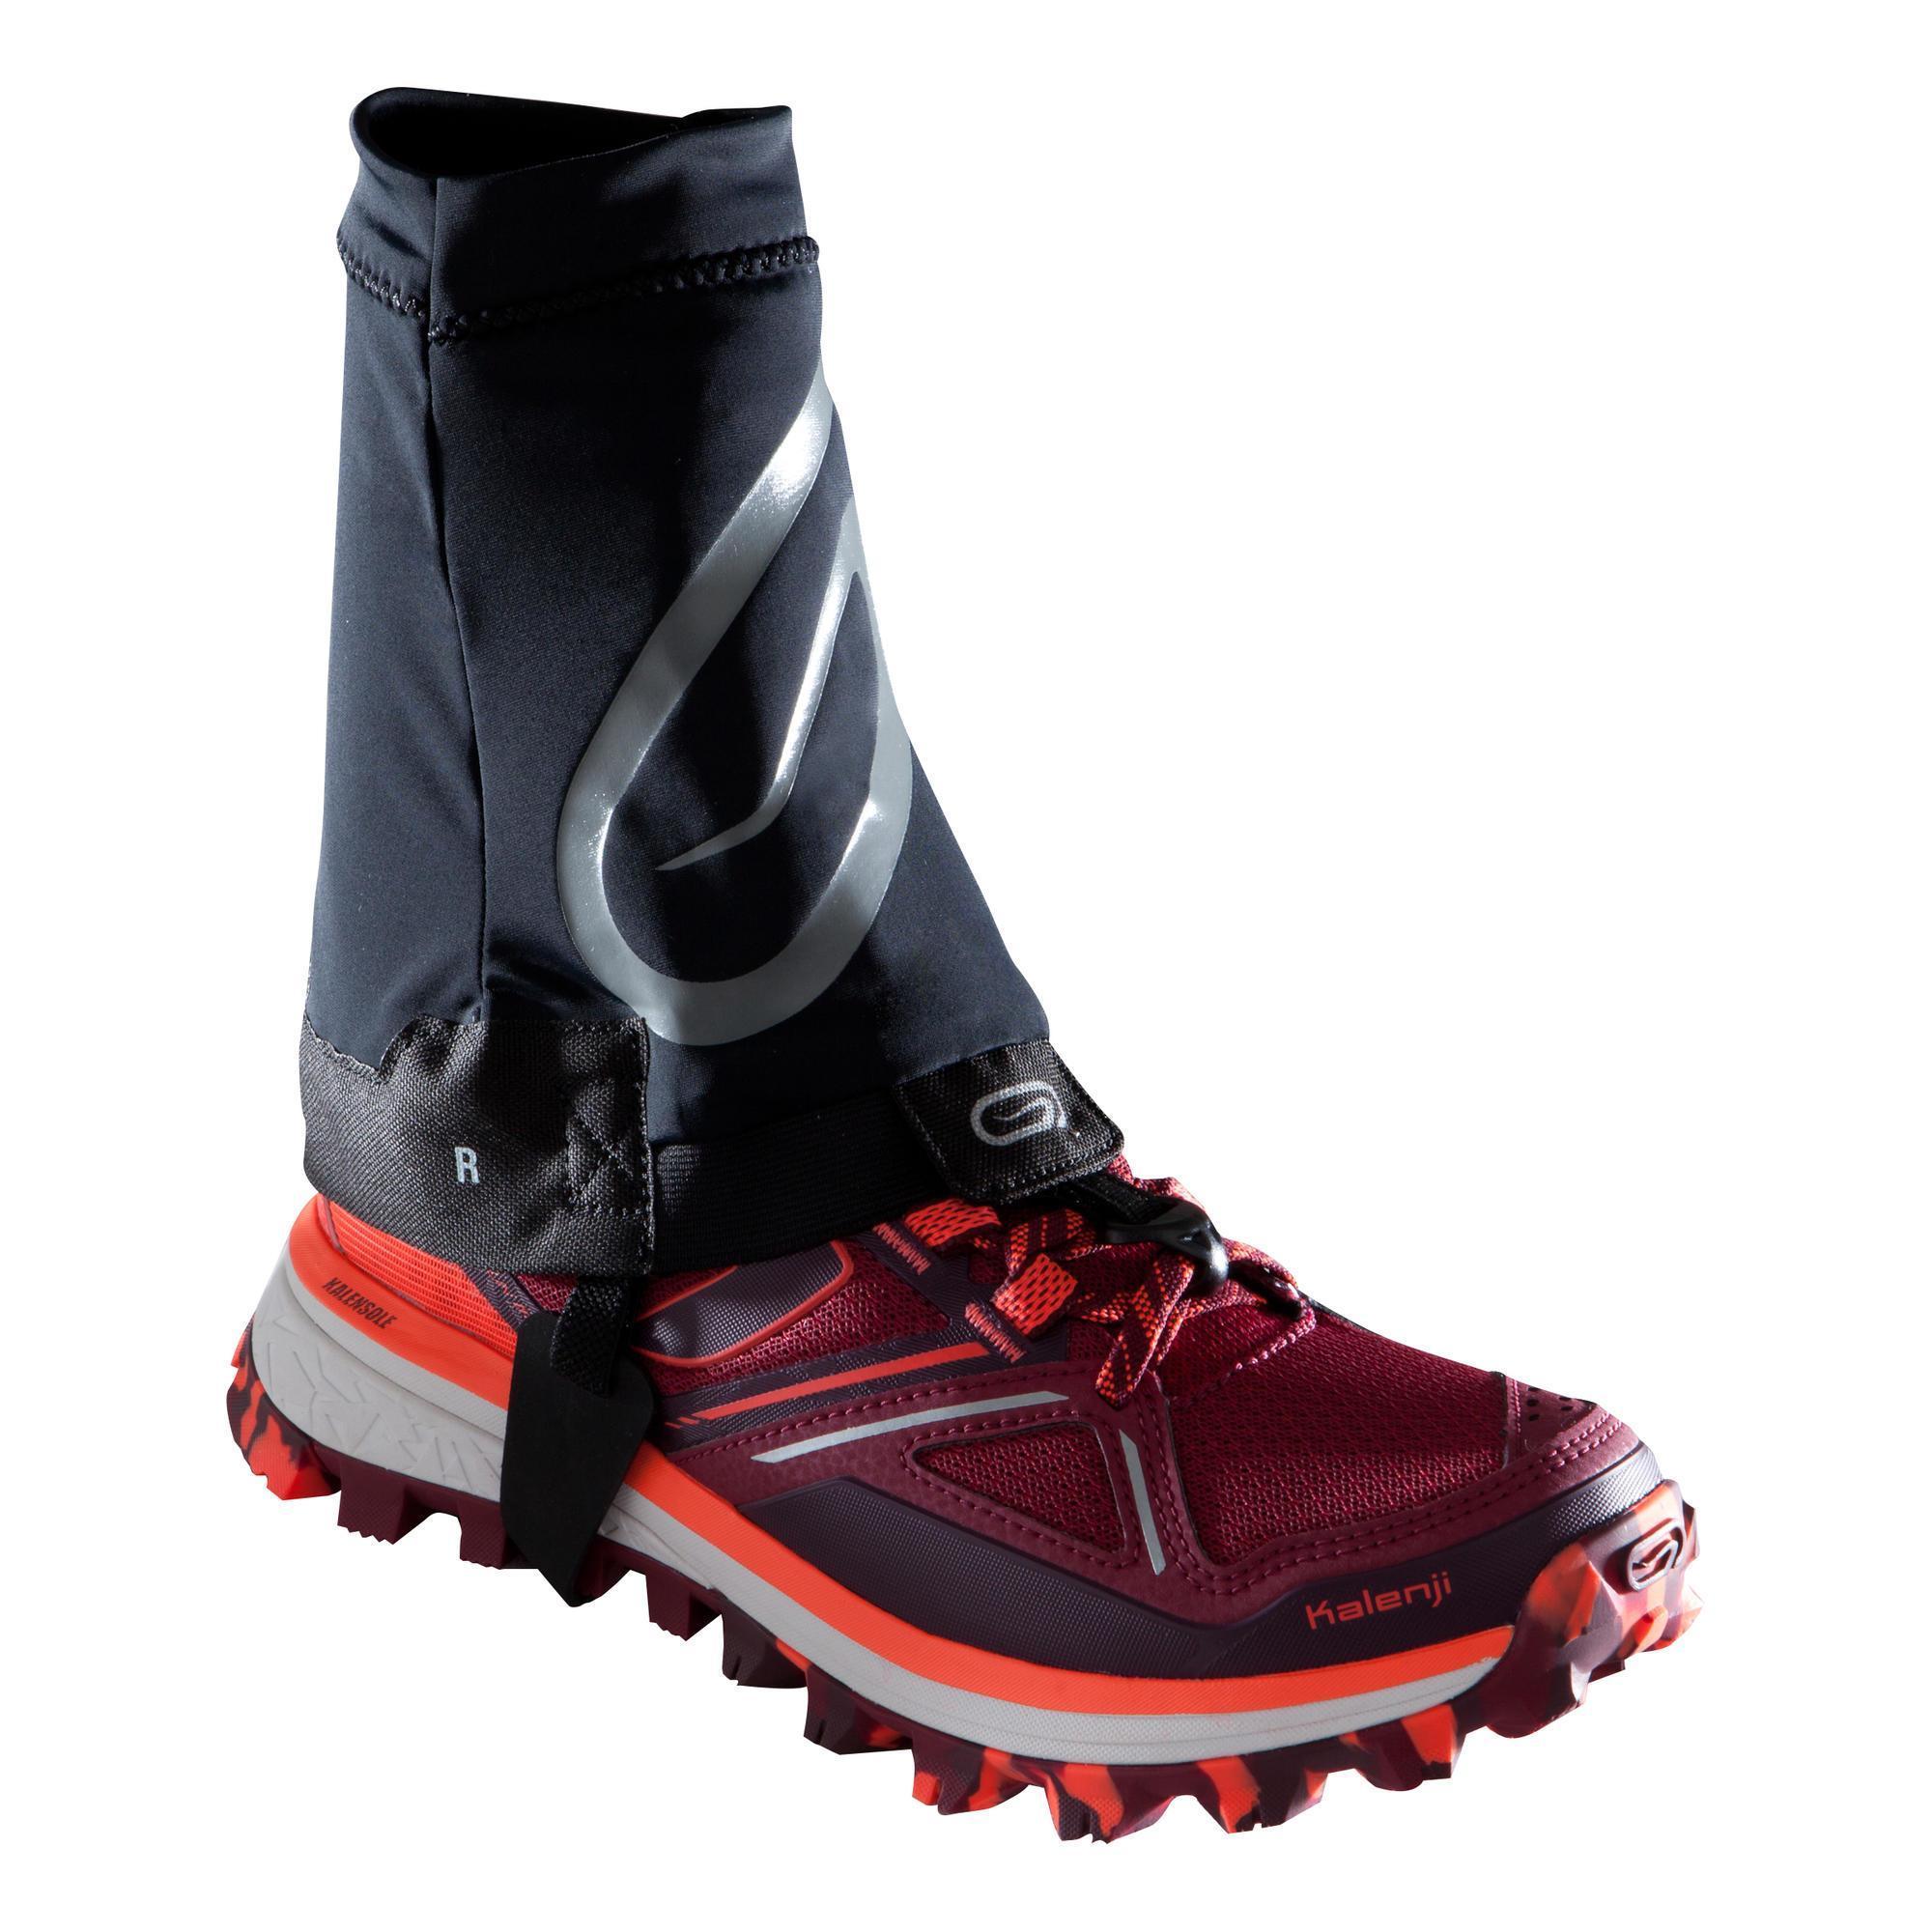 b3eaf85d937 Kalenji Gaiters trail kopen met voordeel - Sport artikelen schoenen ...